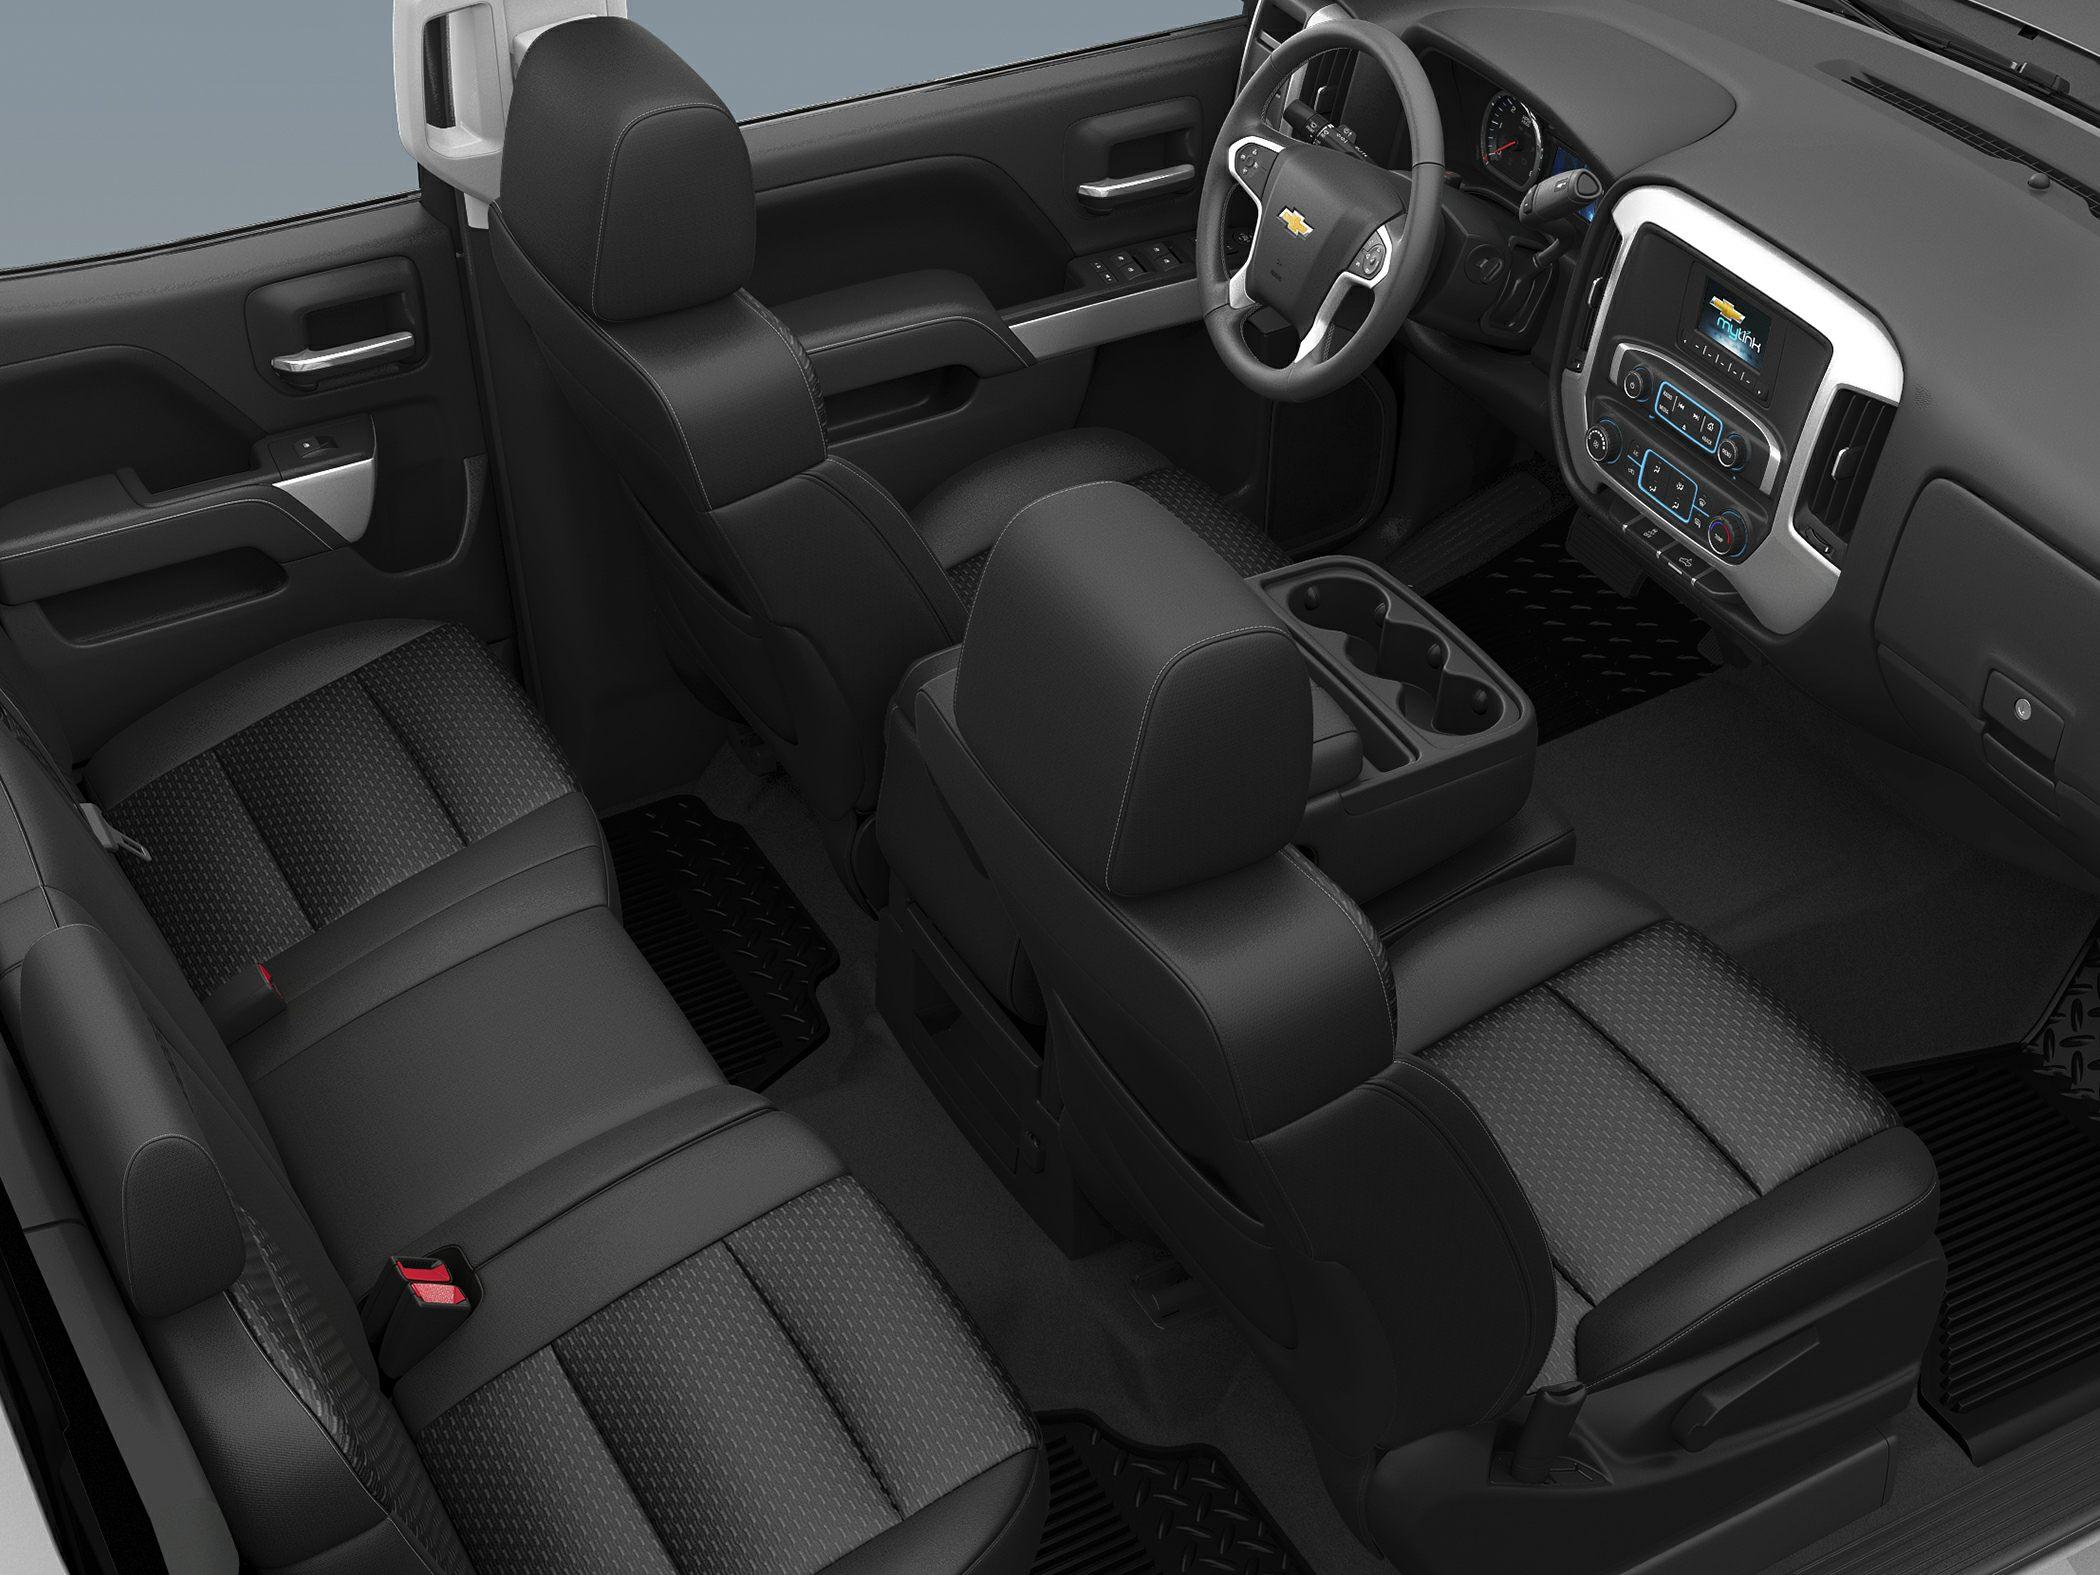 2015 Chevrolet Silverado 3500HD Interior